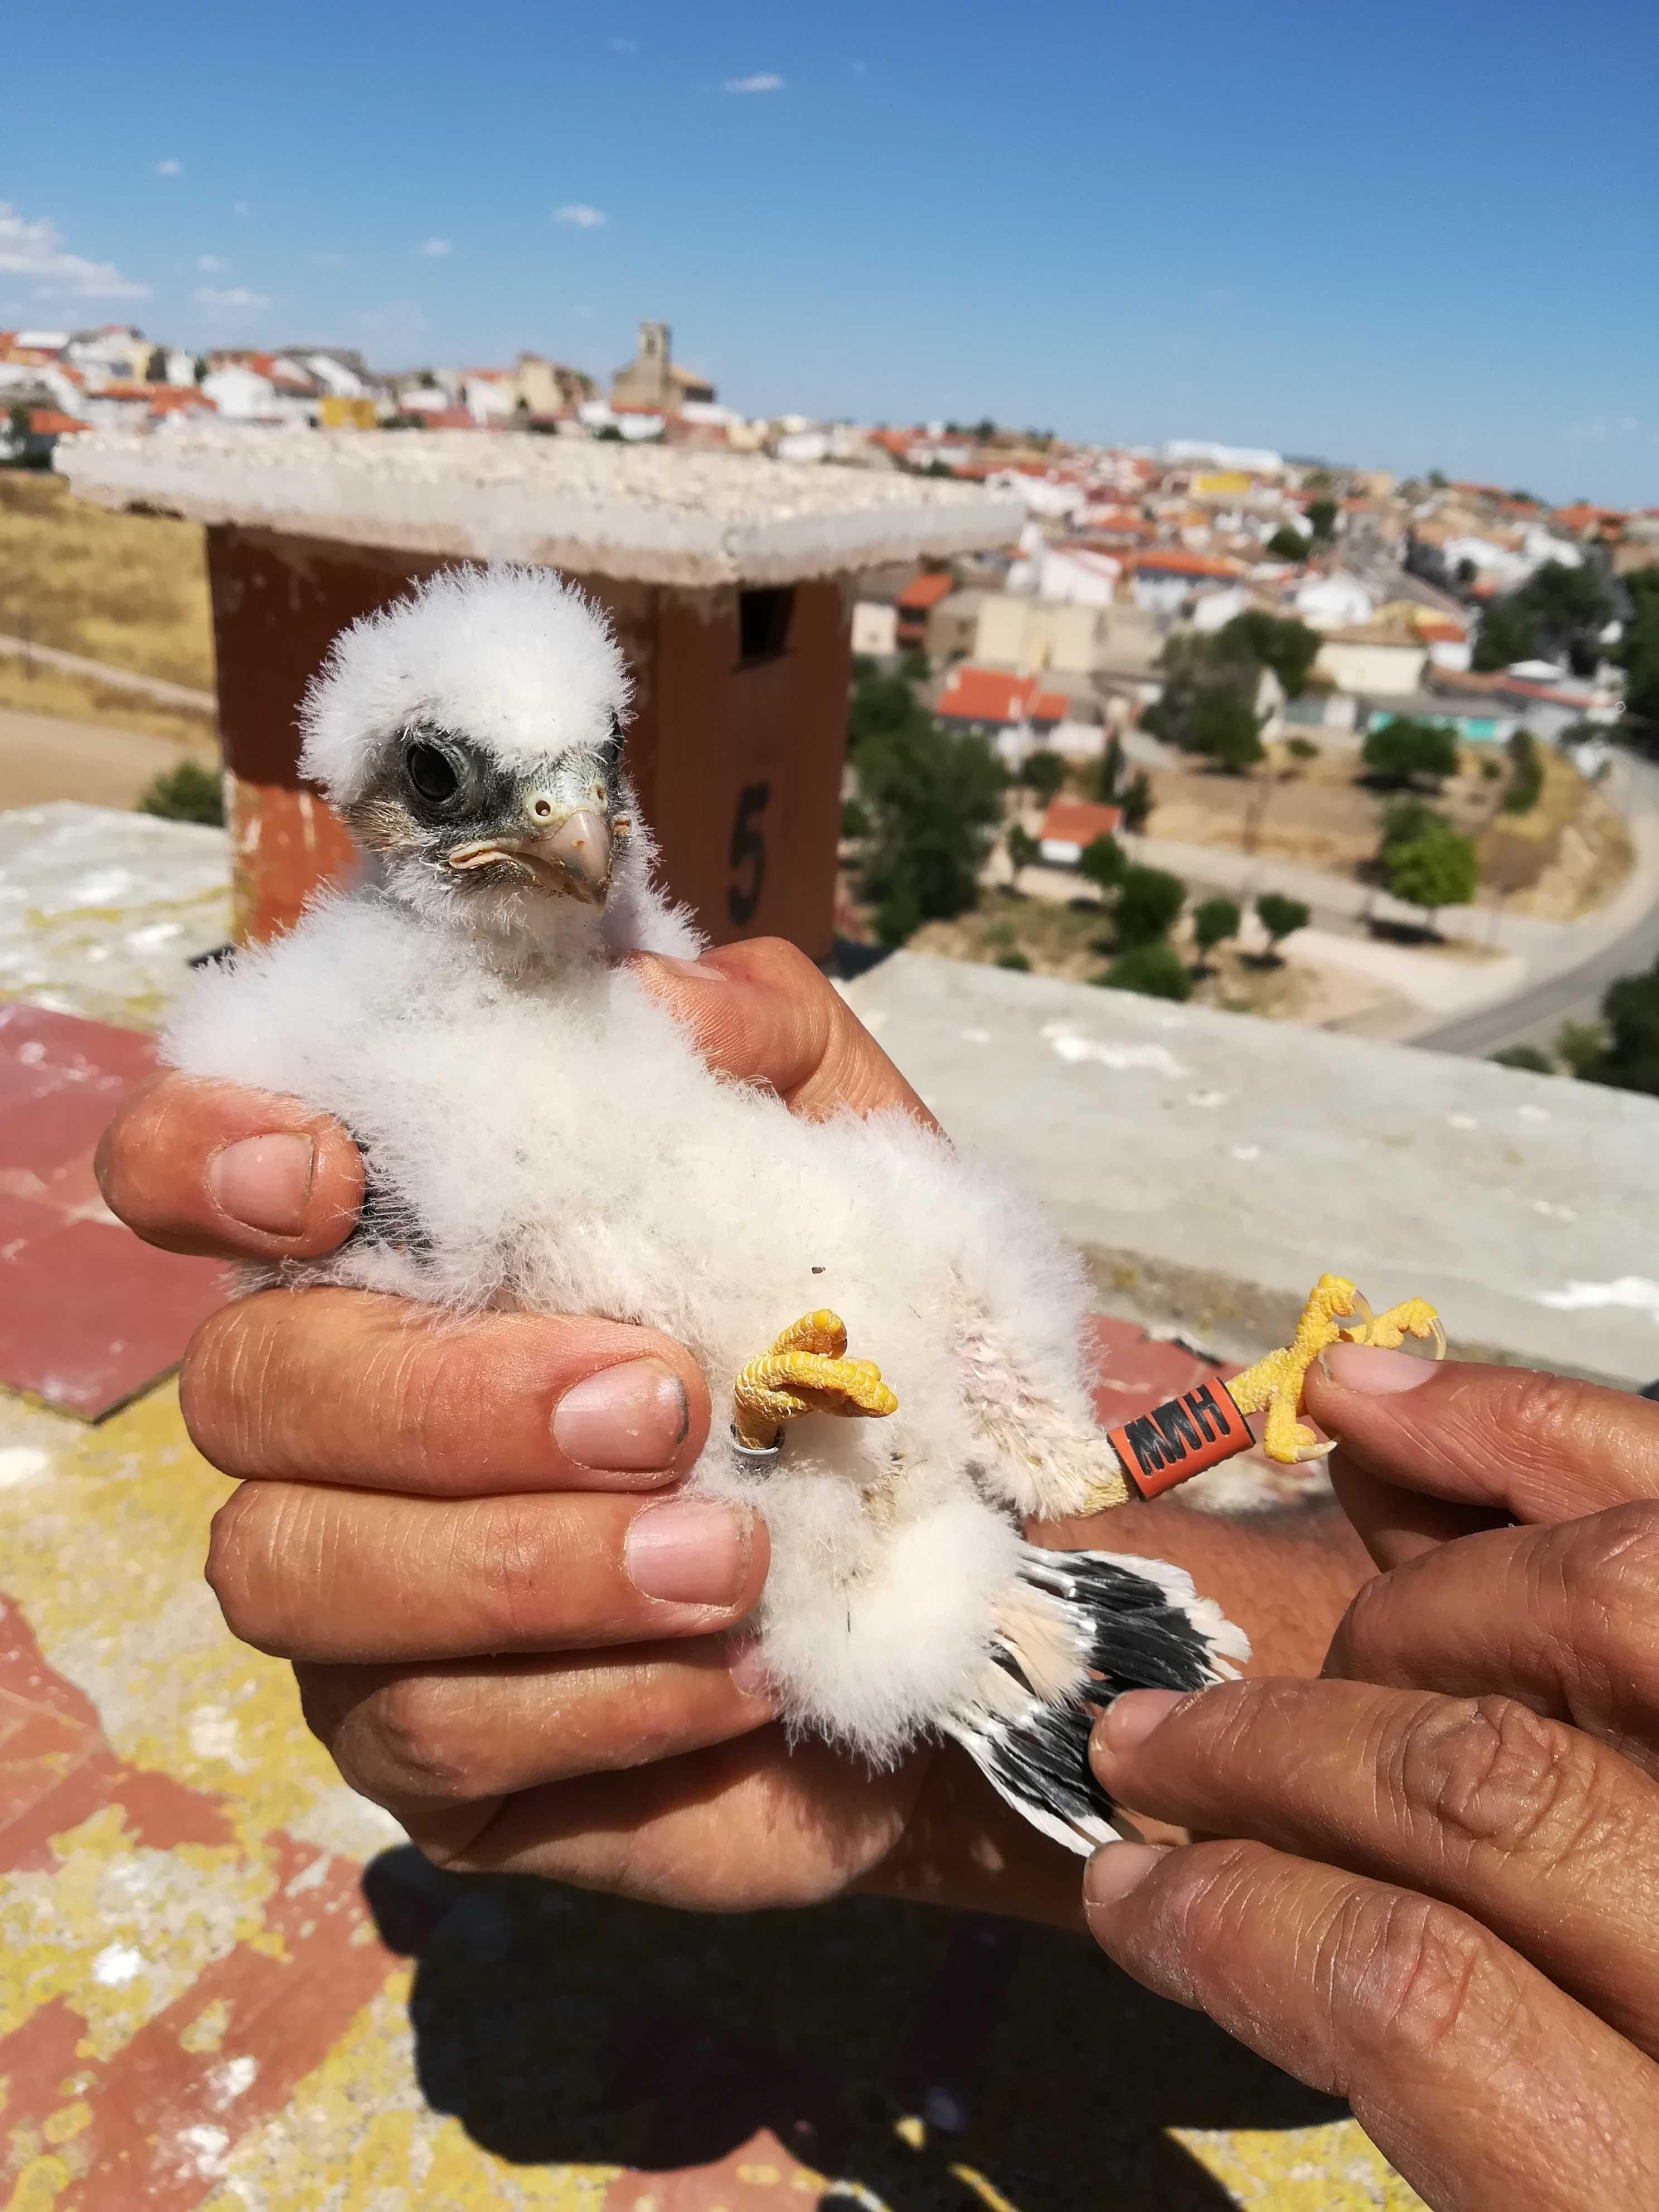 Pollo de cernícalo primilla y, detrás, nidal del silo de Saelices (Cuenca) en el que ha nacido. Imagen: Grefa